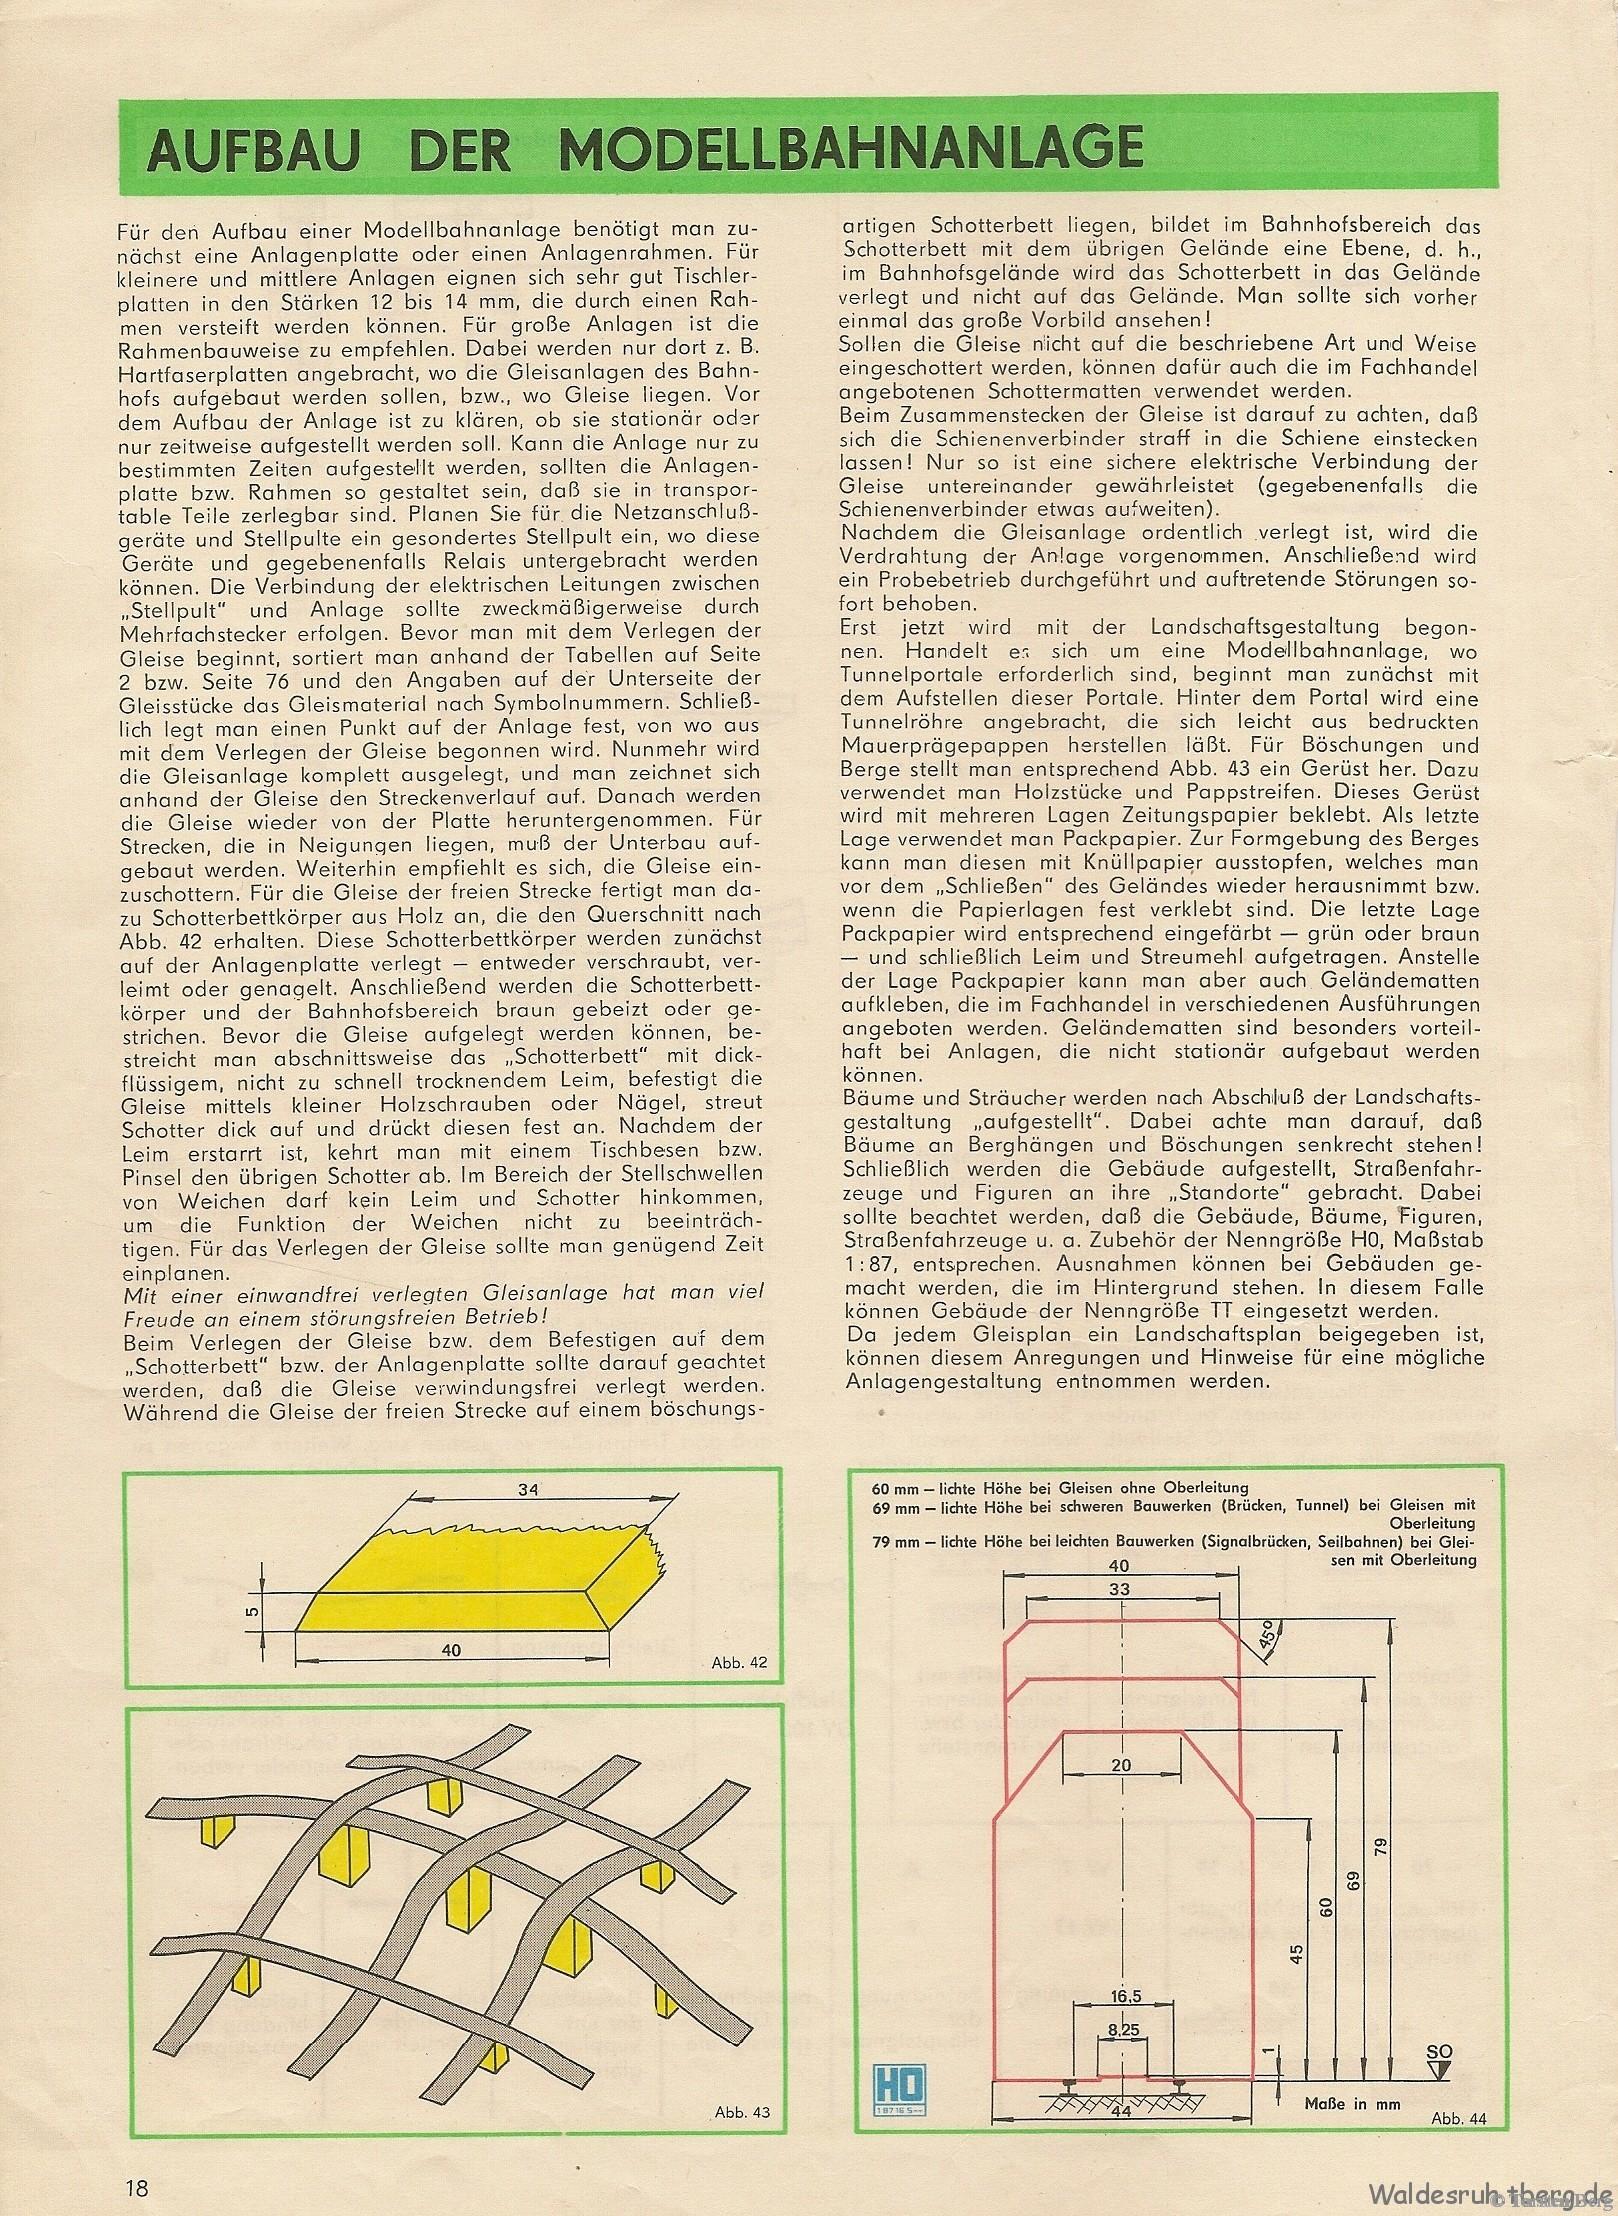 19 Aufbau der Modellbahnanlage - Aus dem Gleisplanheft des VEB Kombinat PIKO